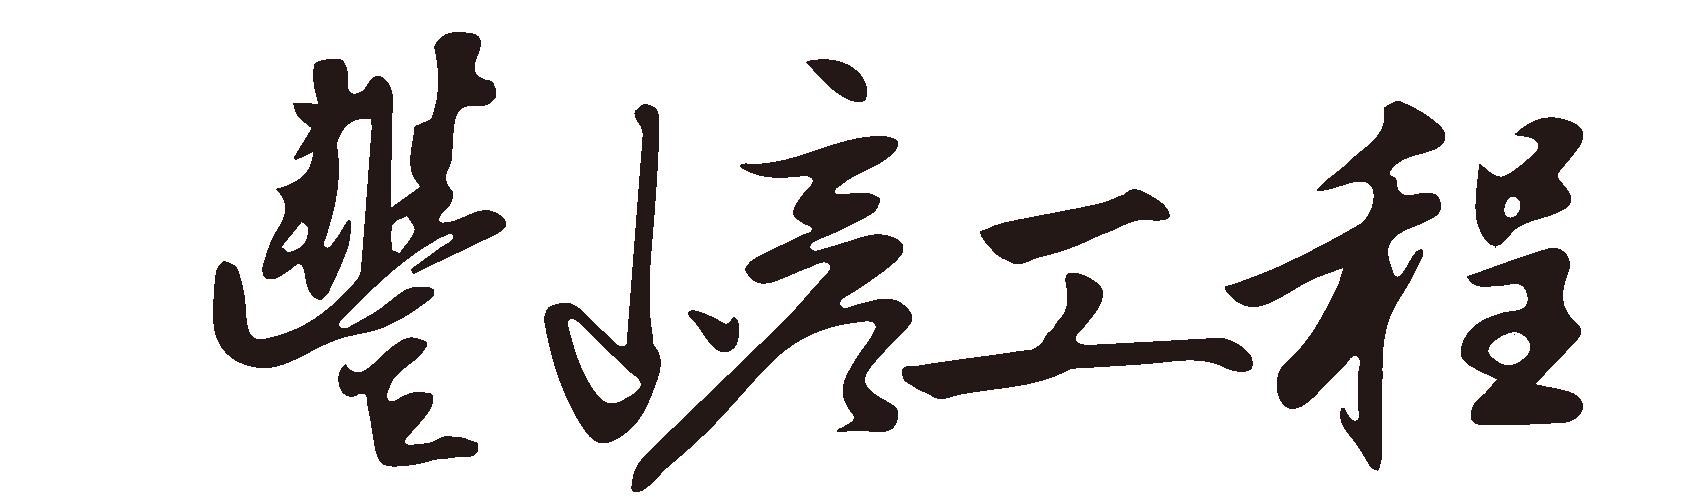 豐嵃工程企業有限公司|綠建築|日式建築